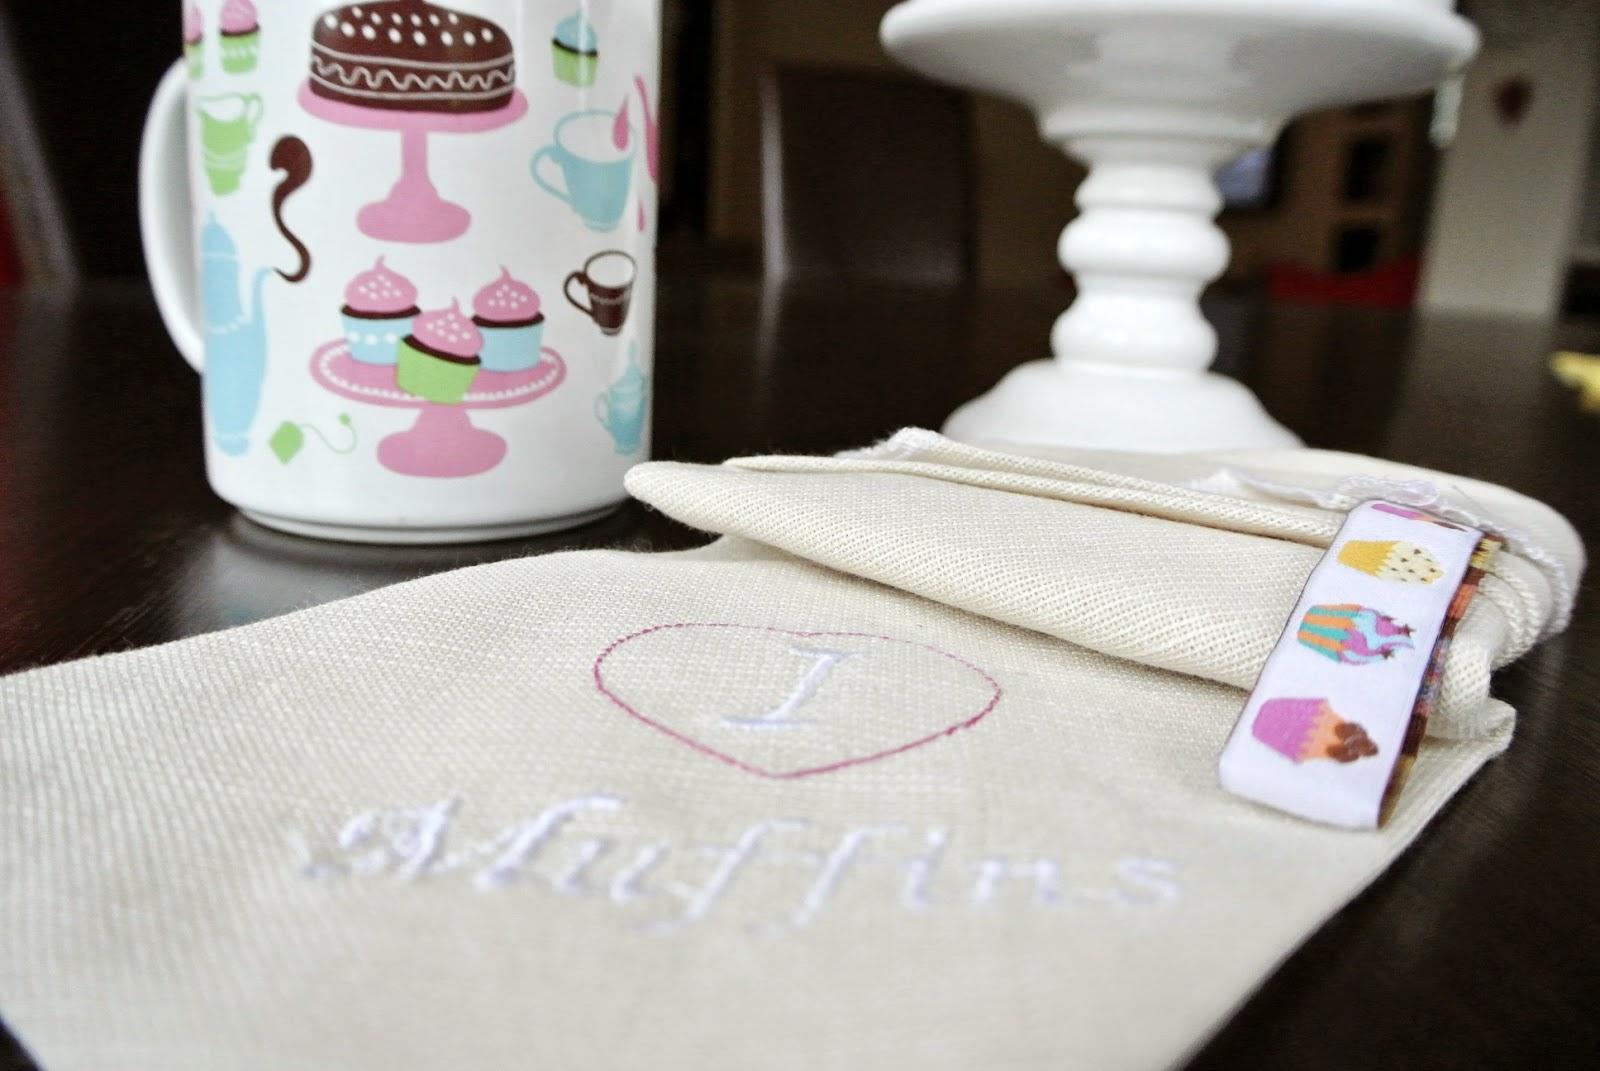 Muffins,mufinki,donuts,ściereczka kuchenna,szmatka,ładne ściereczki,piękne wnętrze